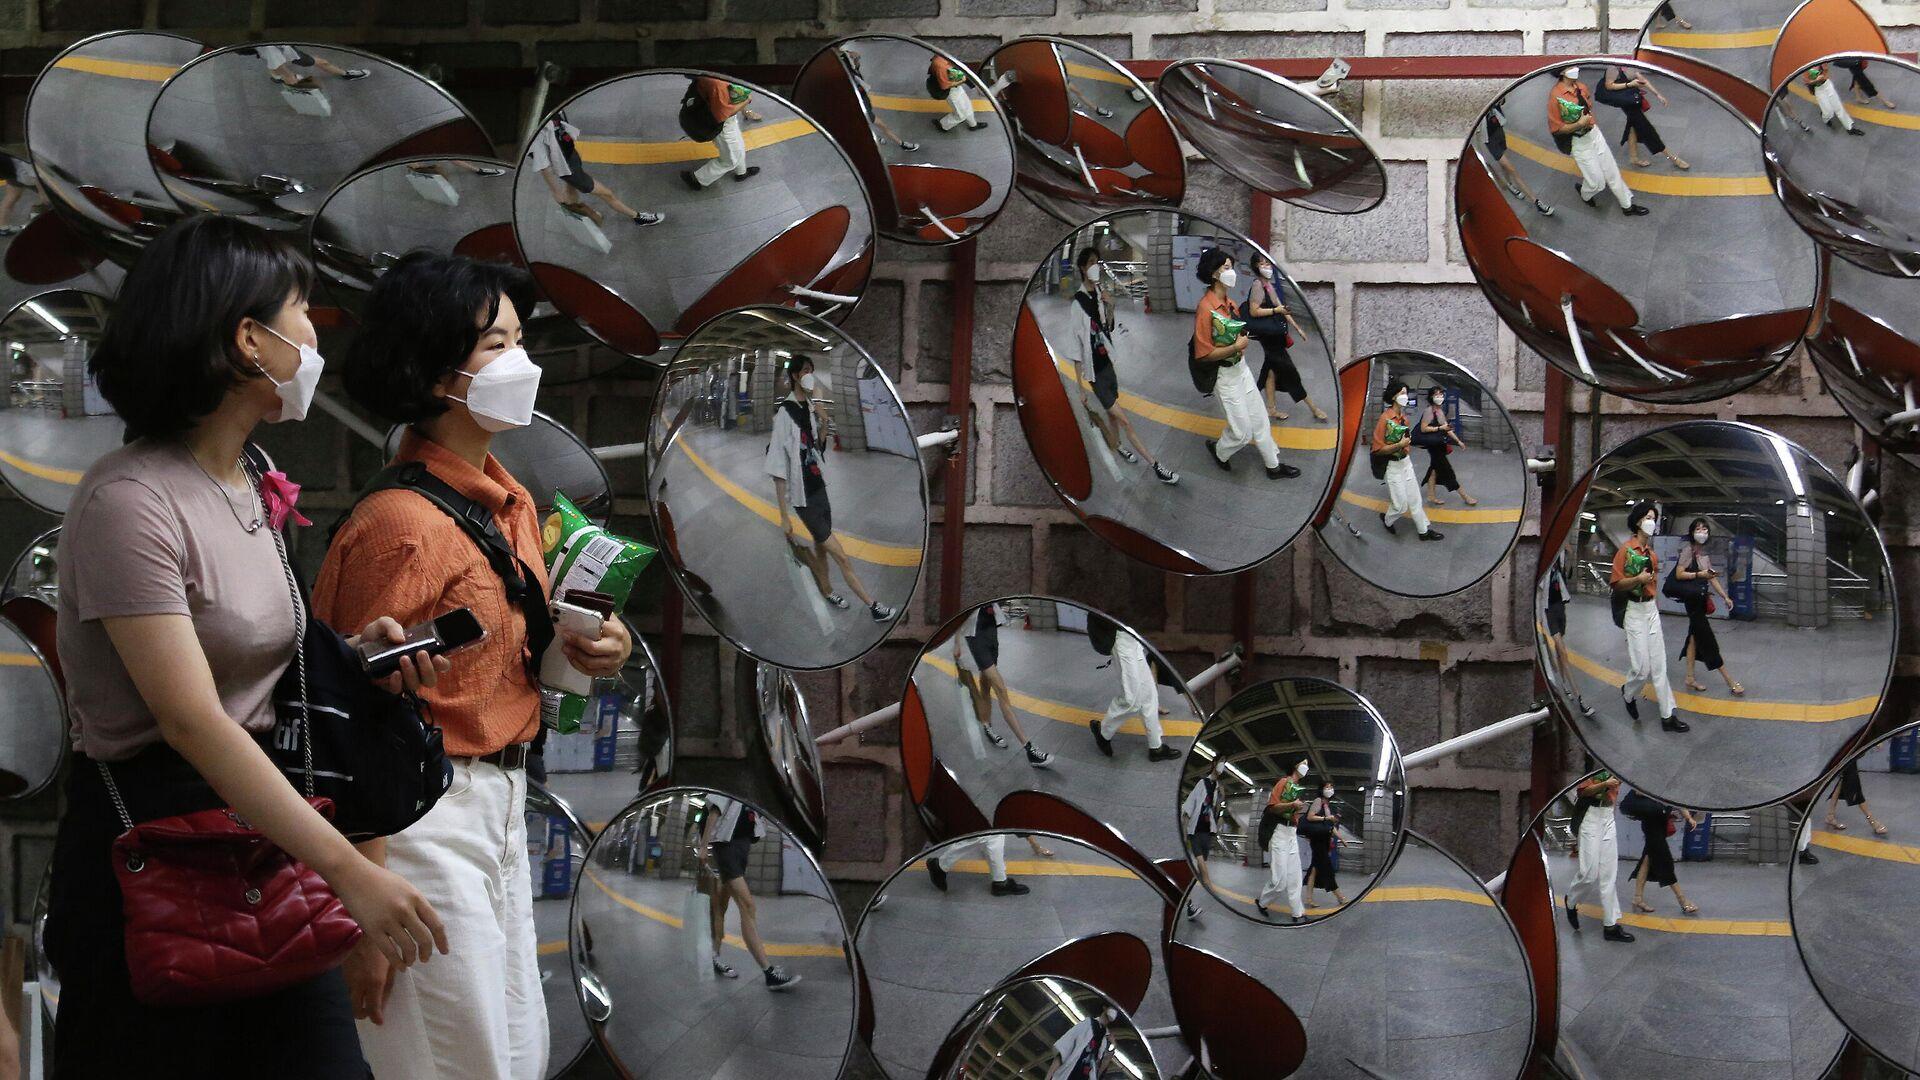 Женщины в защитных масках проходят мимо зеркал у станции метро в Сеуле  - РИА Новости, 1920, 19.11.2020